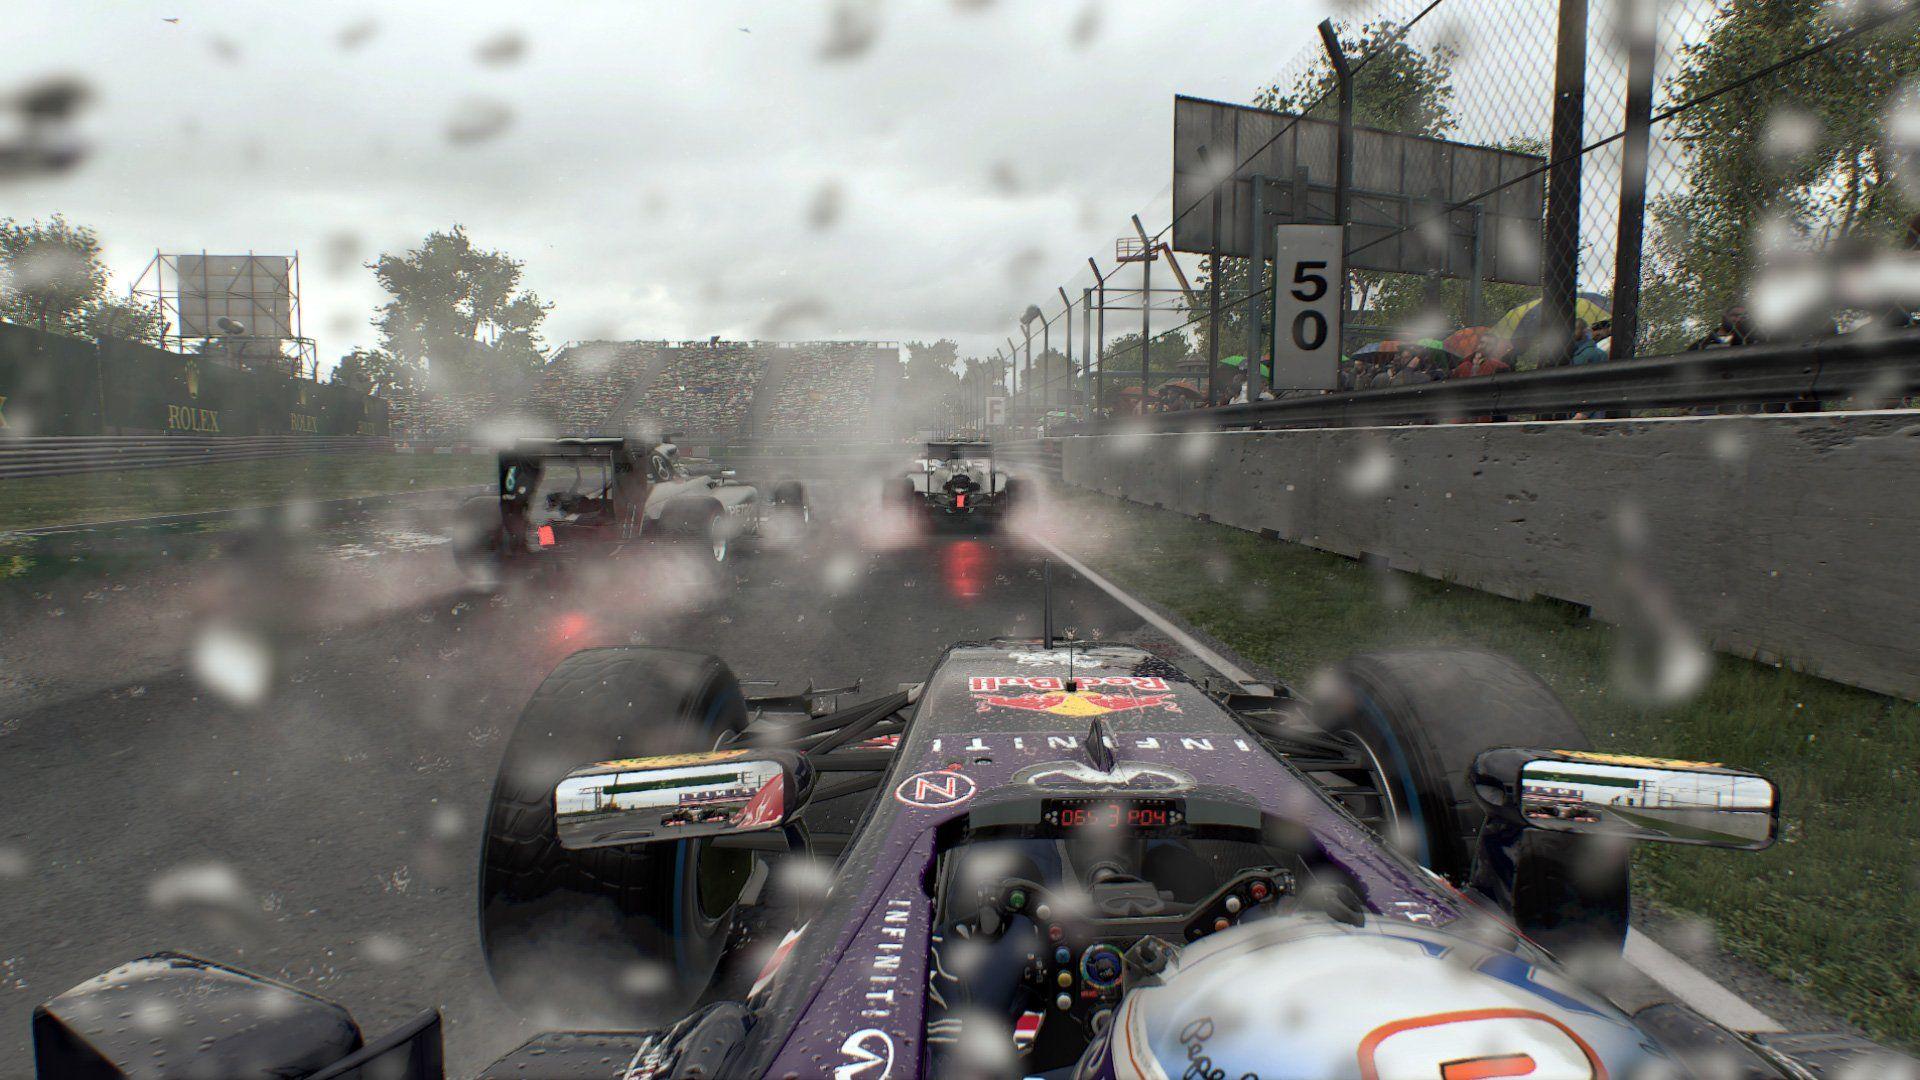 F1 2015 (PS4) - 9